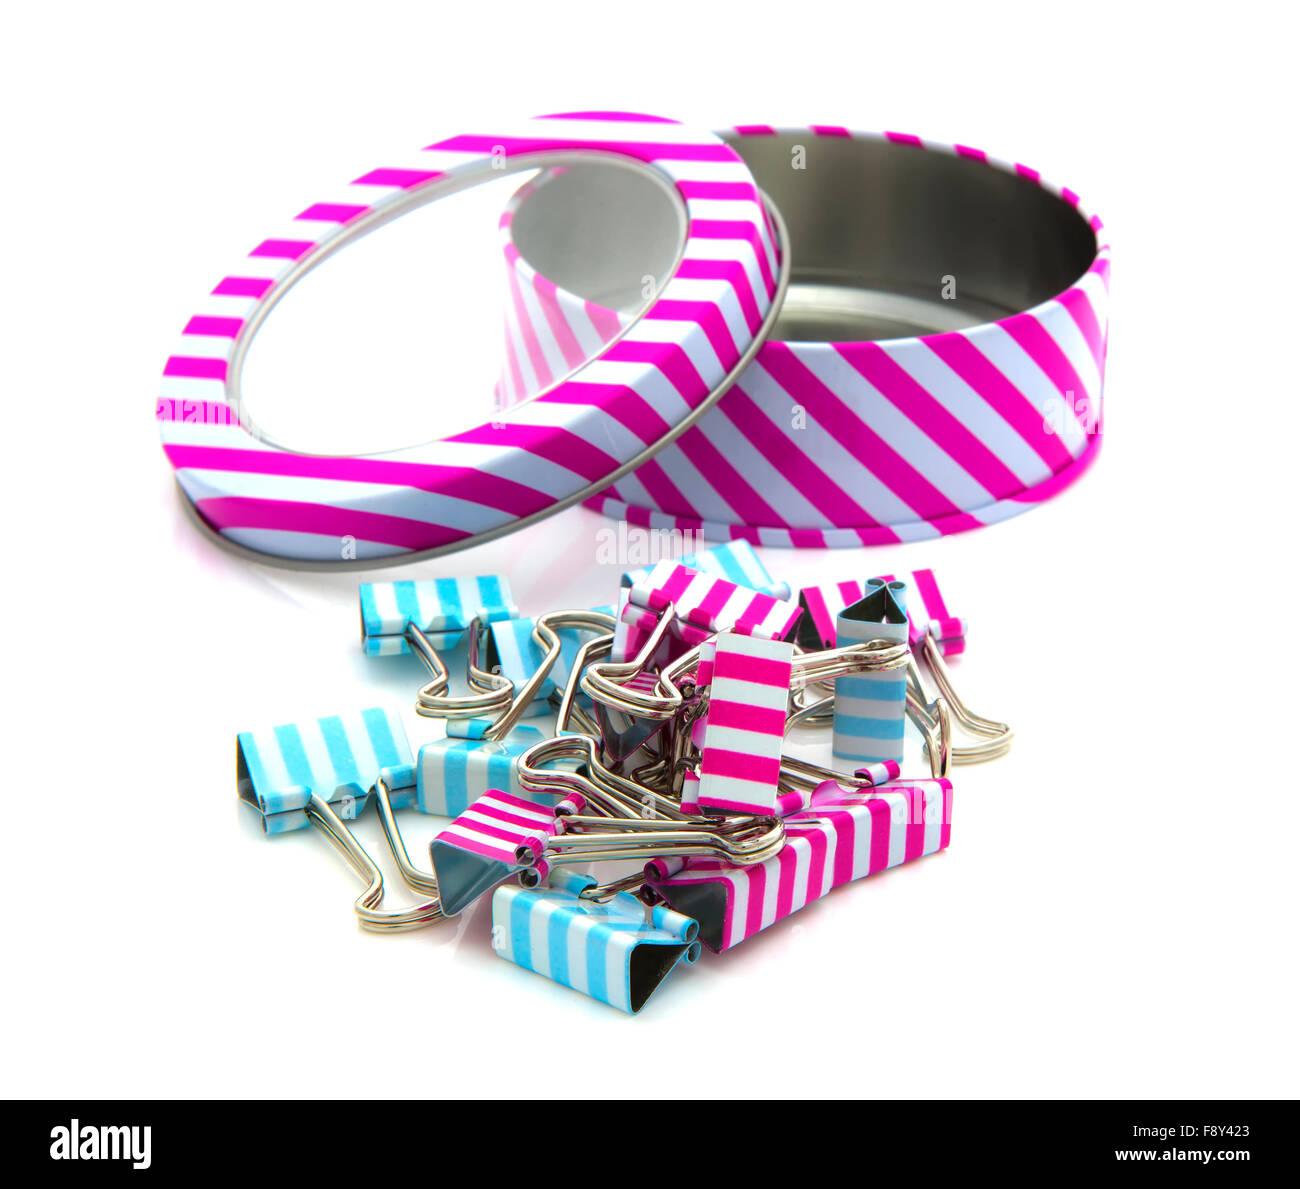 Stripey estaño con clip de reinyección de un fondo blanco. Imagen De Stock